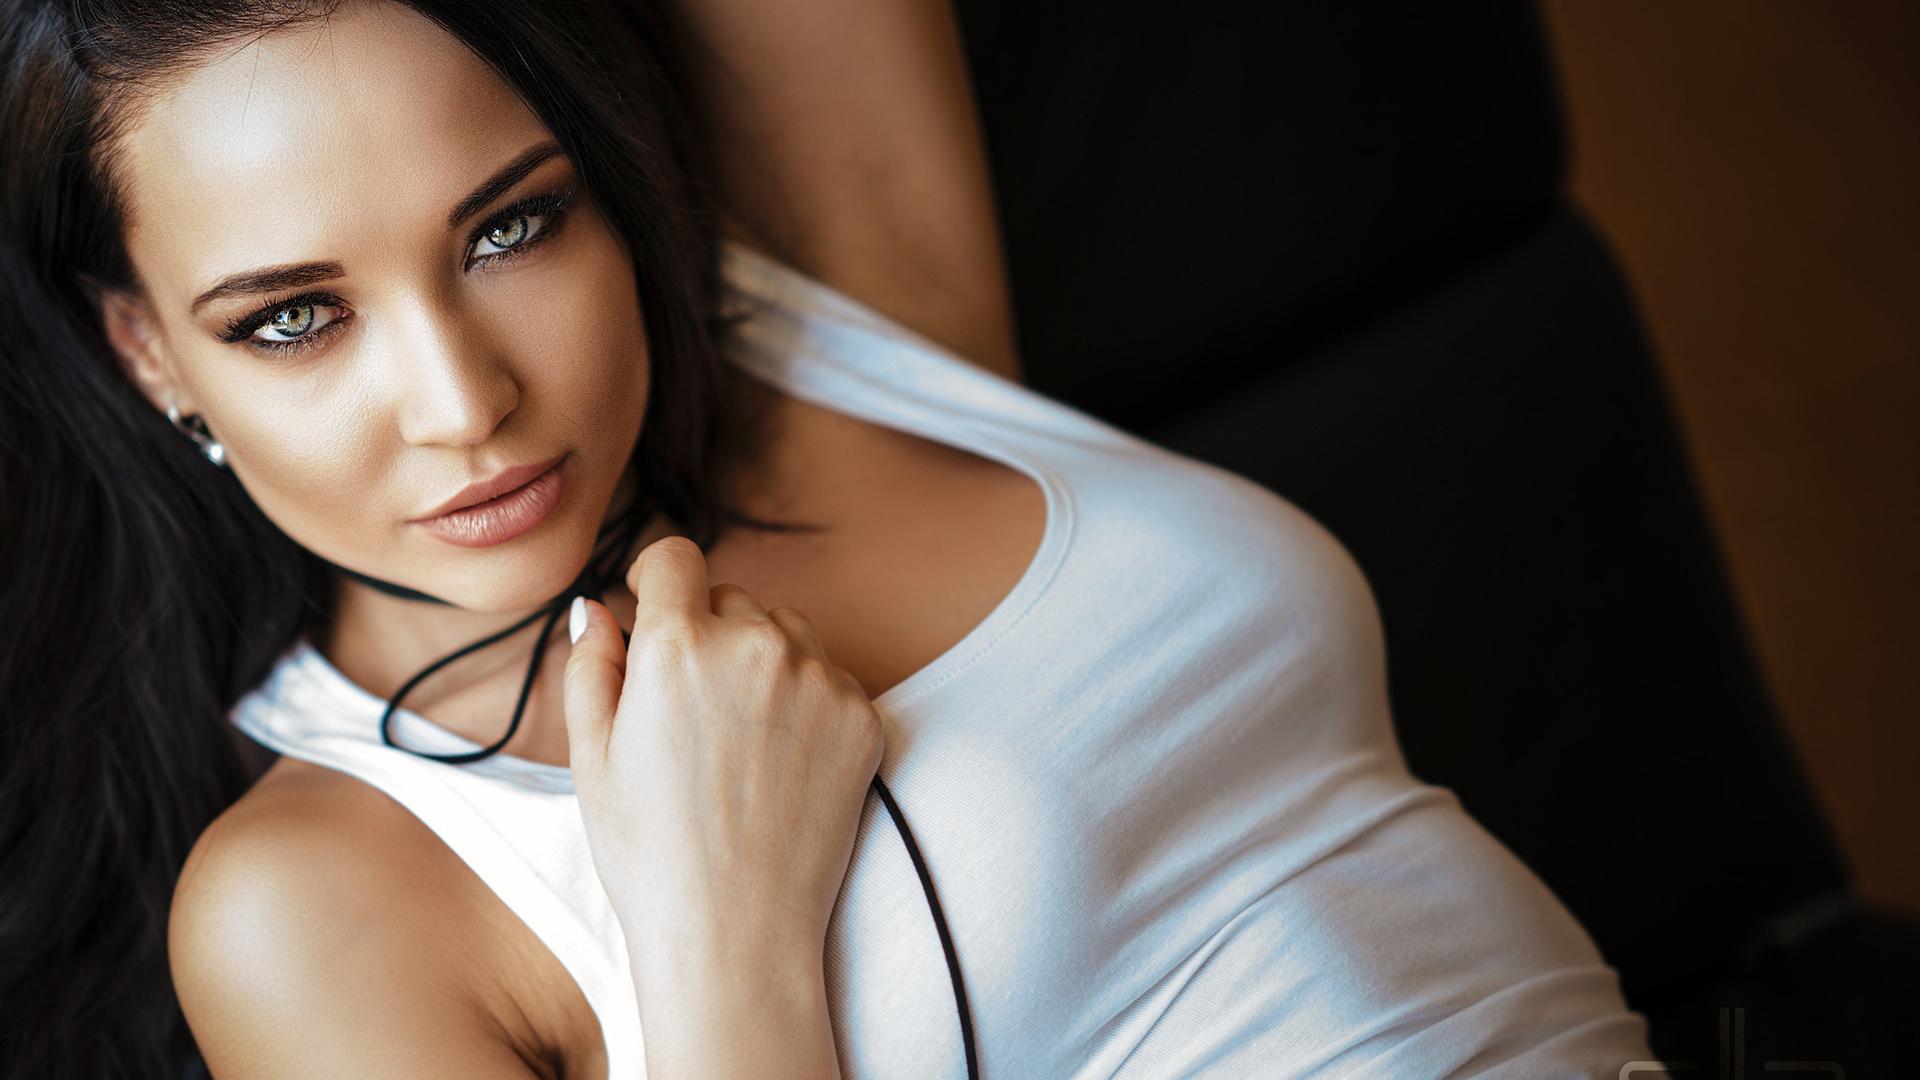 фото самых красивых девушек брюнеток в комнате помня, как